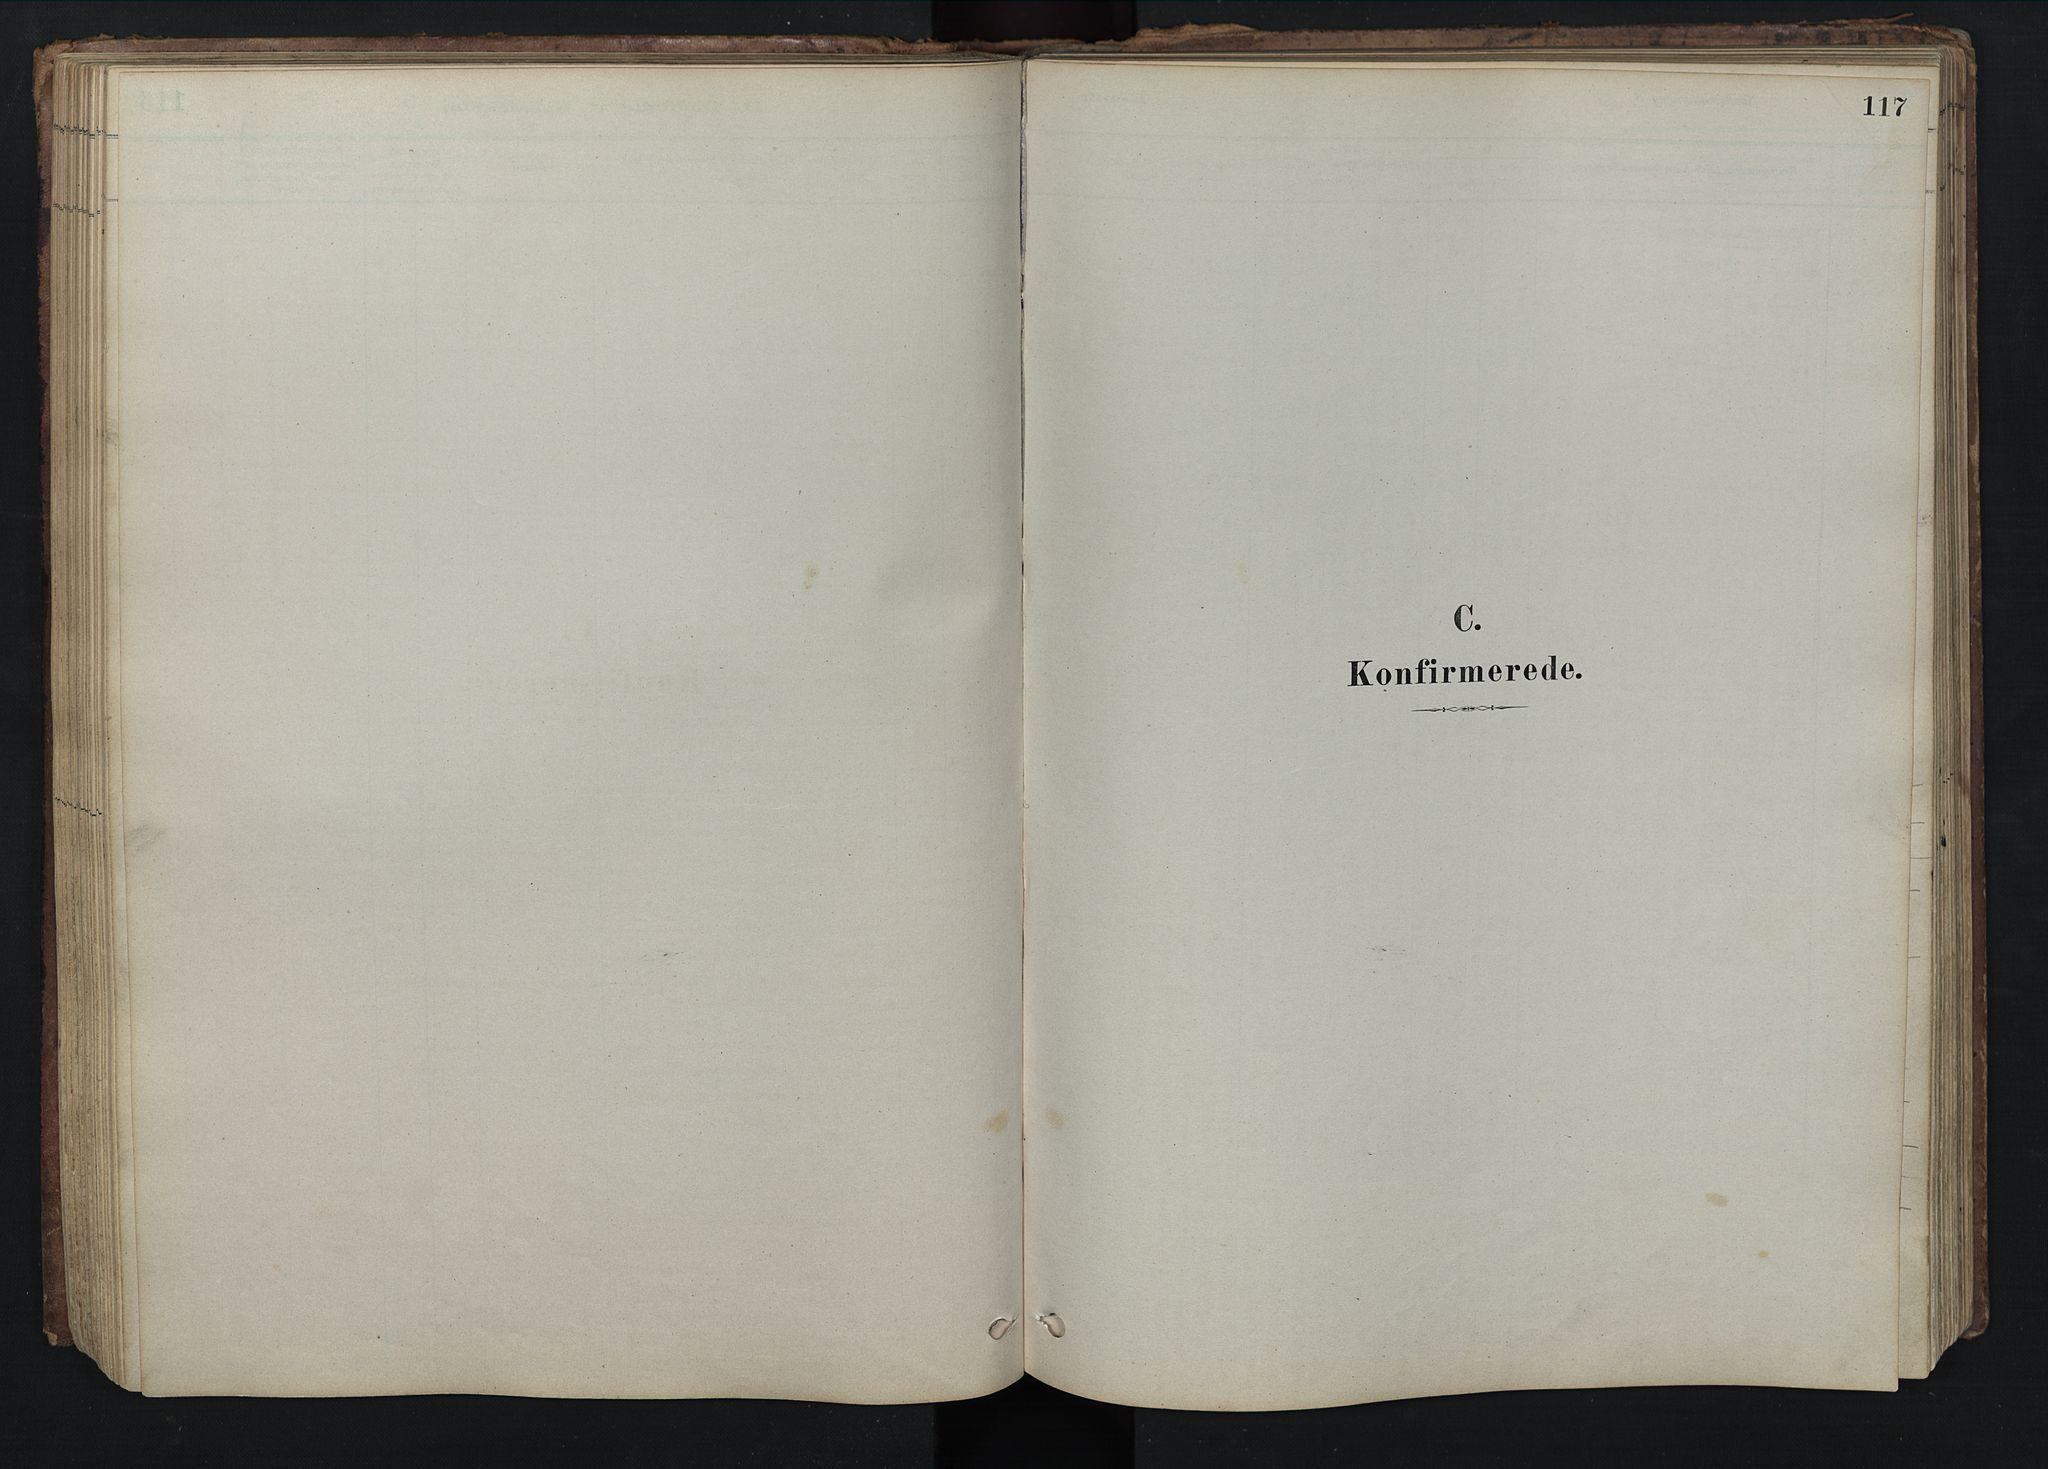 SAH, Rendalen prestekontor, H/Ha/Hab/L0009: Klokkerbok nr. 9, 1879-1902, s. 117